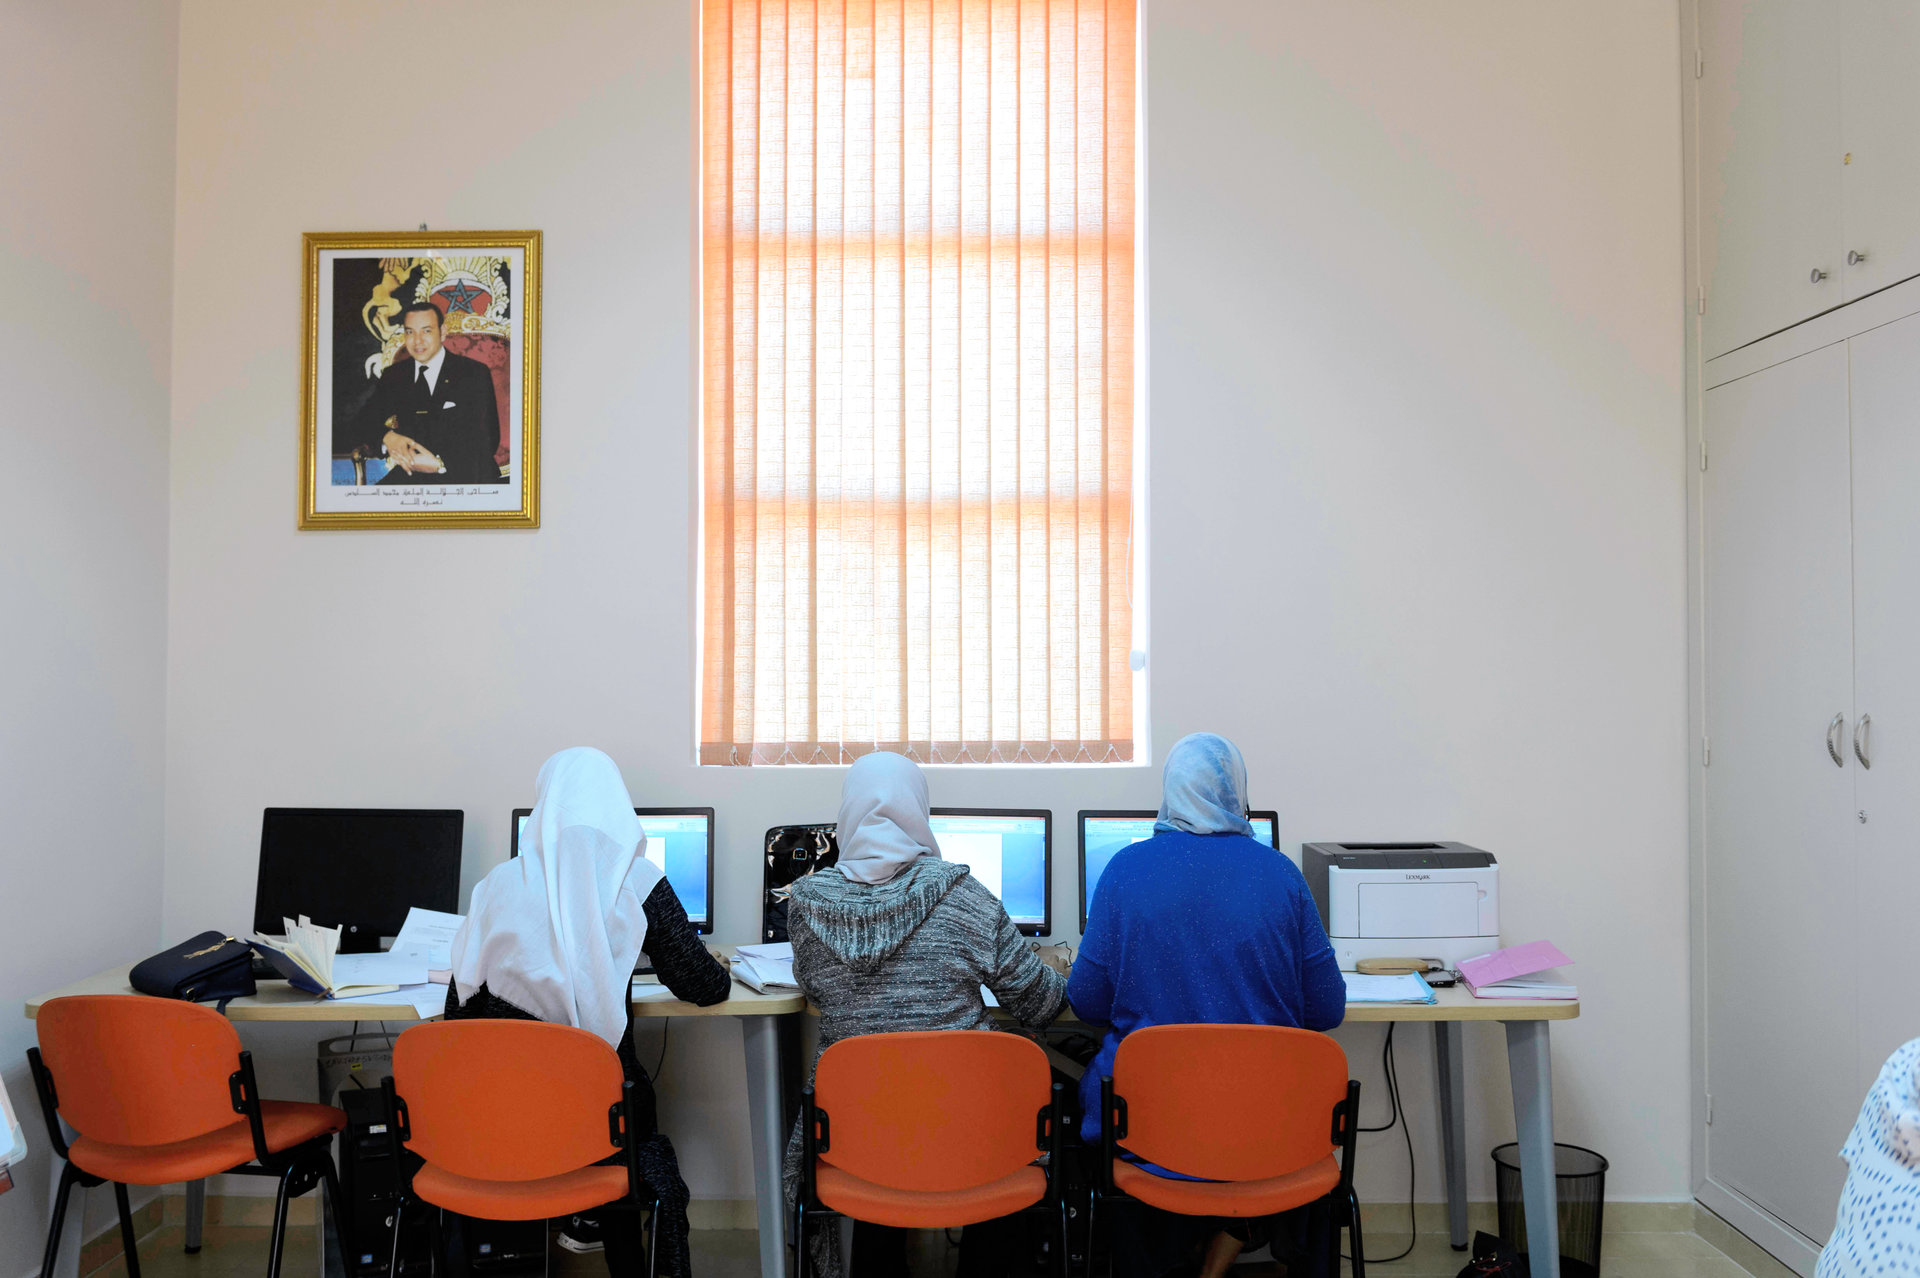 Après l'échec des nouvelles villes censées remplacer les bidonvilles, le Maroc place ses espoirs dans le campus de Benguérir, non loin de Marrakech. Une ville qui se veut futuriste et durable